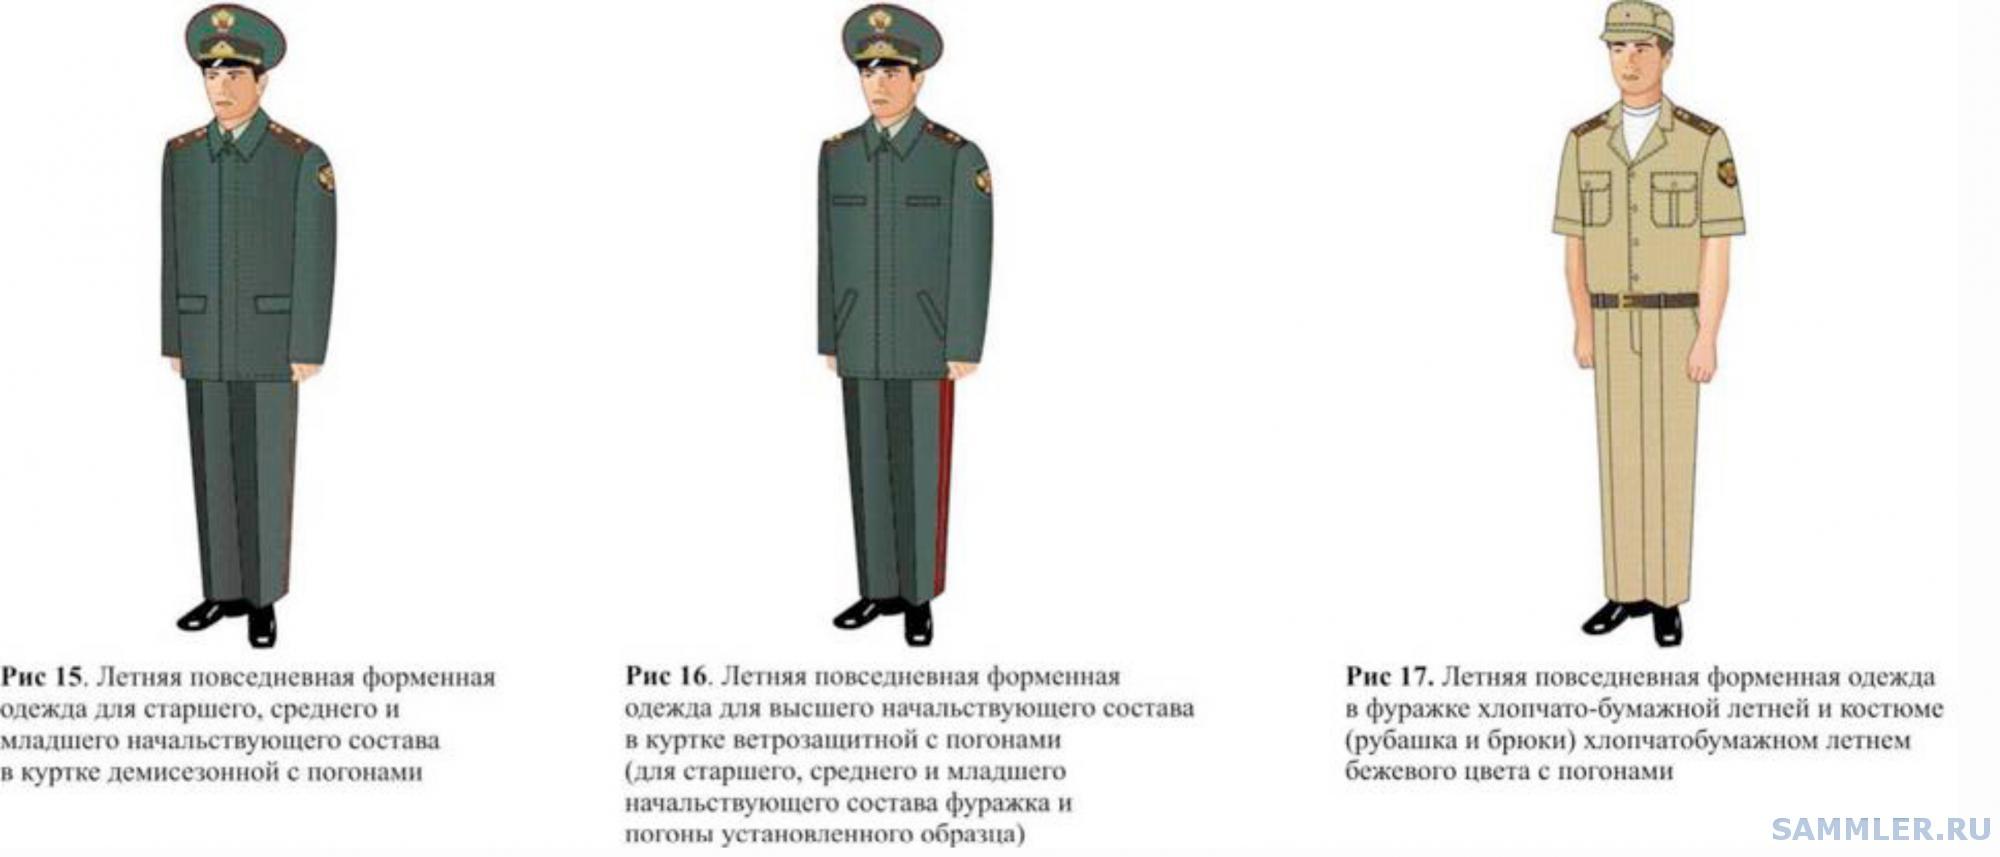 Форменная одежда сотрудников-13.jpg